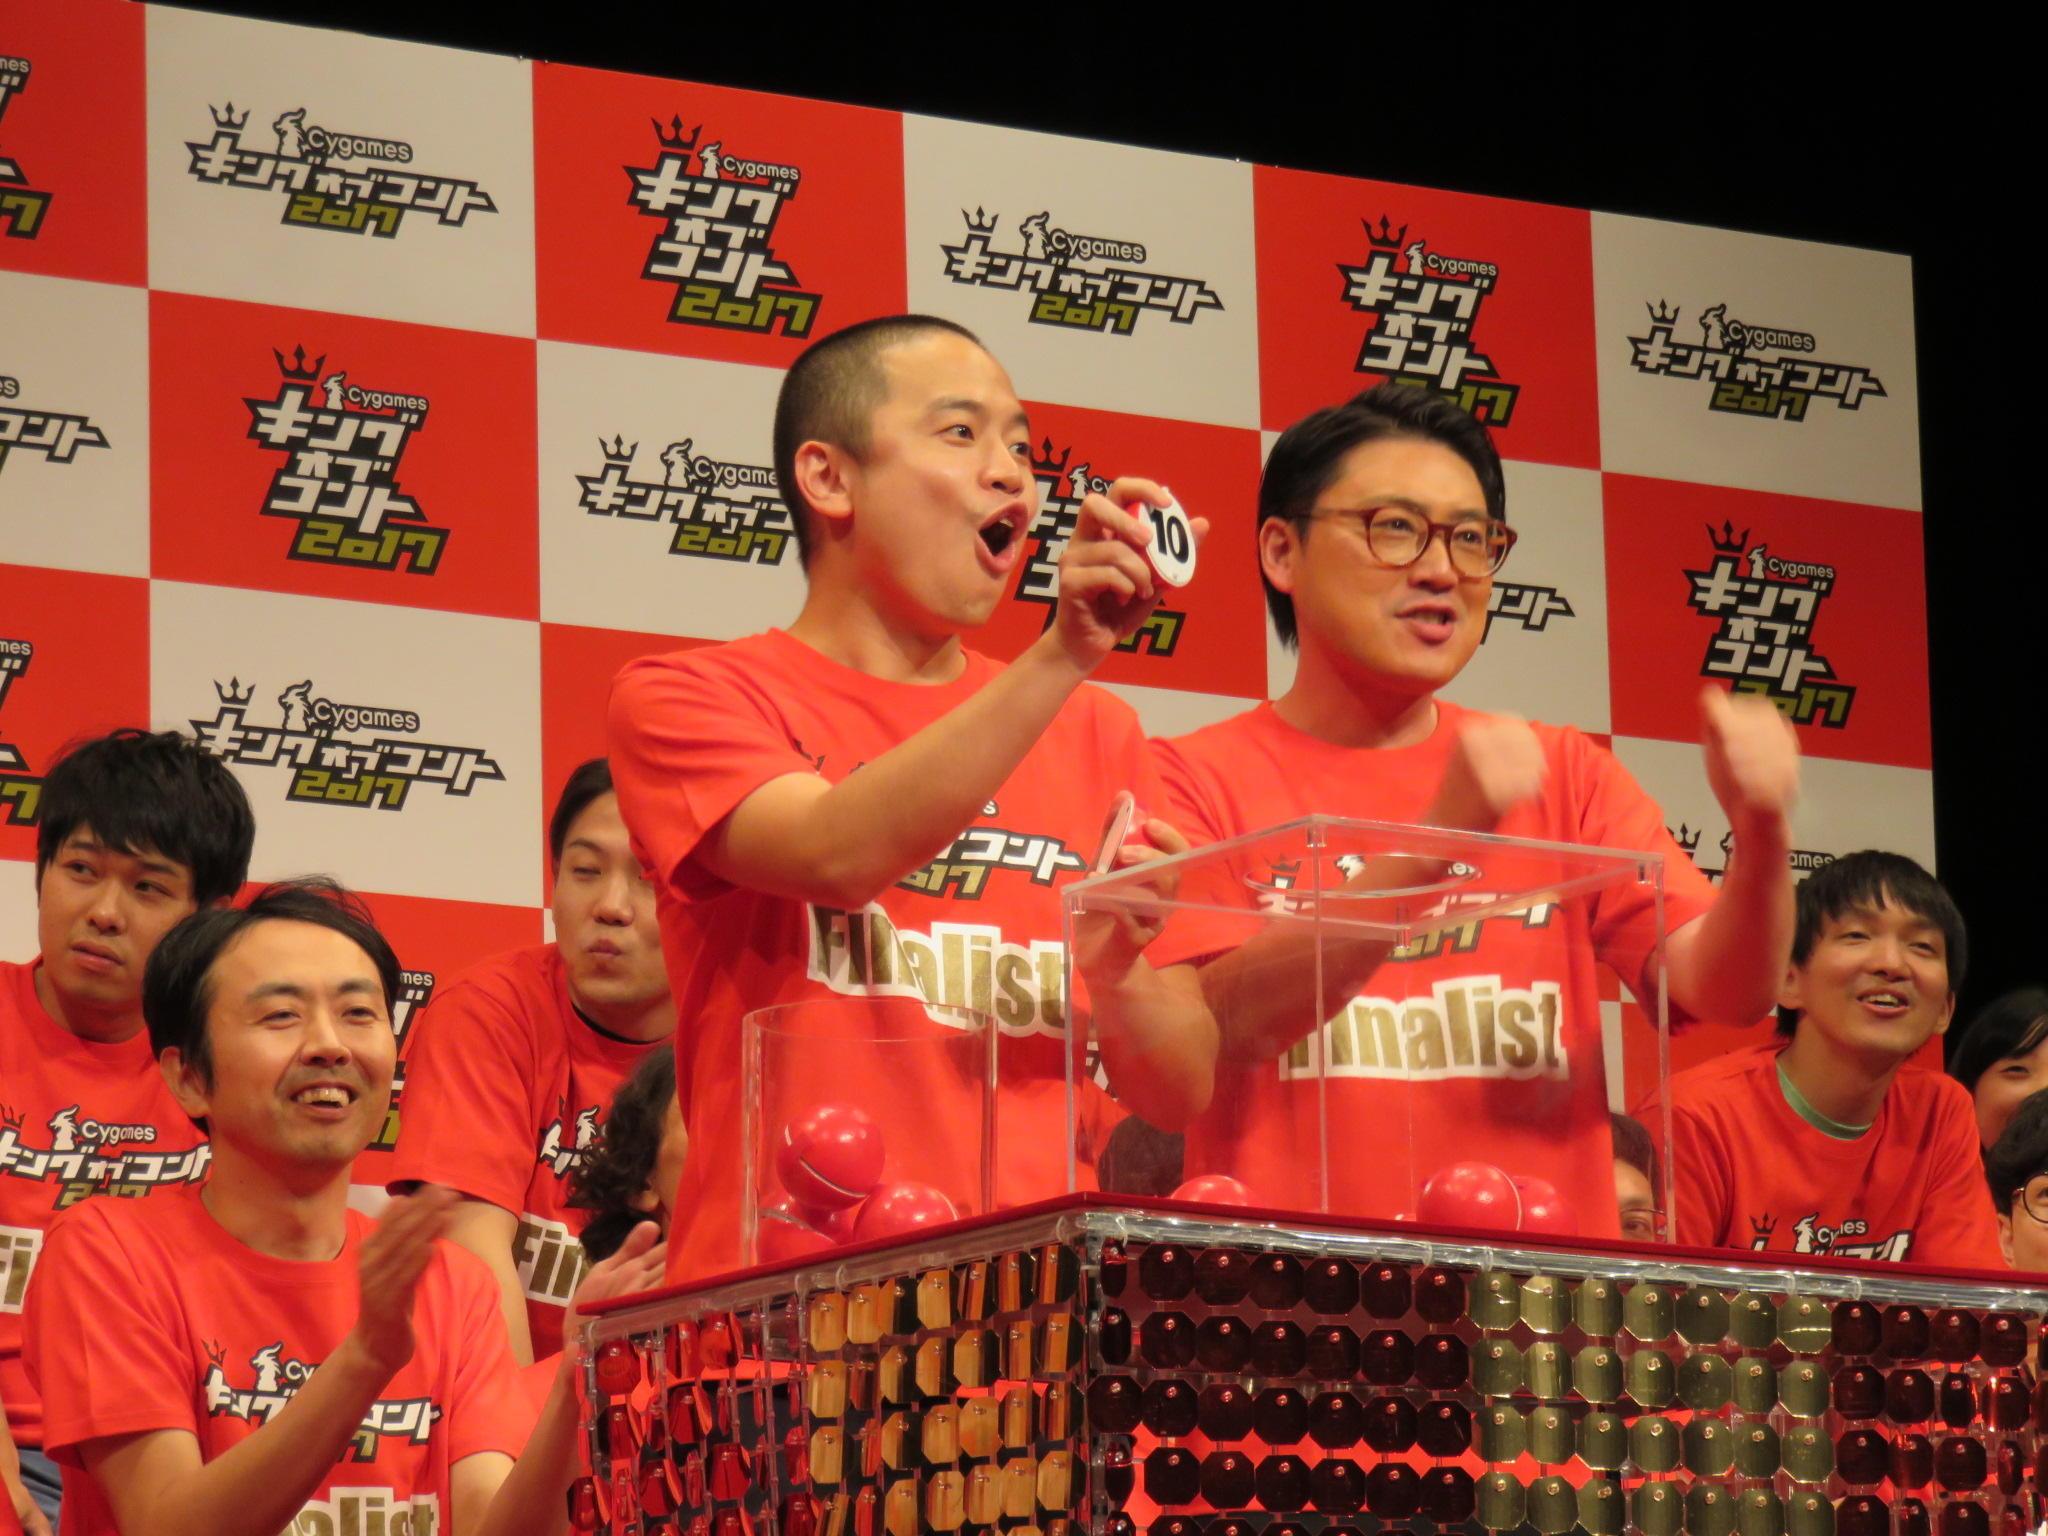 http://news.yoshimoto.co.jp/20170909010558-2fc4d9e4010d4e790f832e625be017732e149e78.jpg